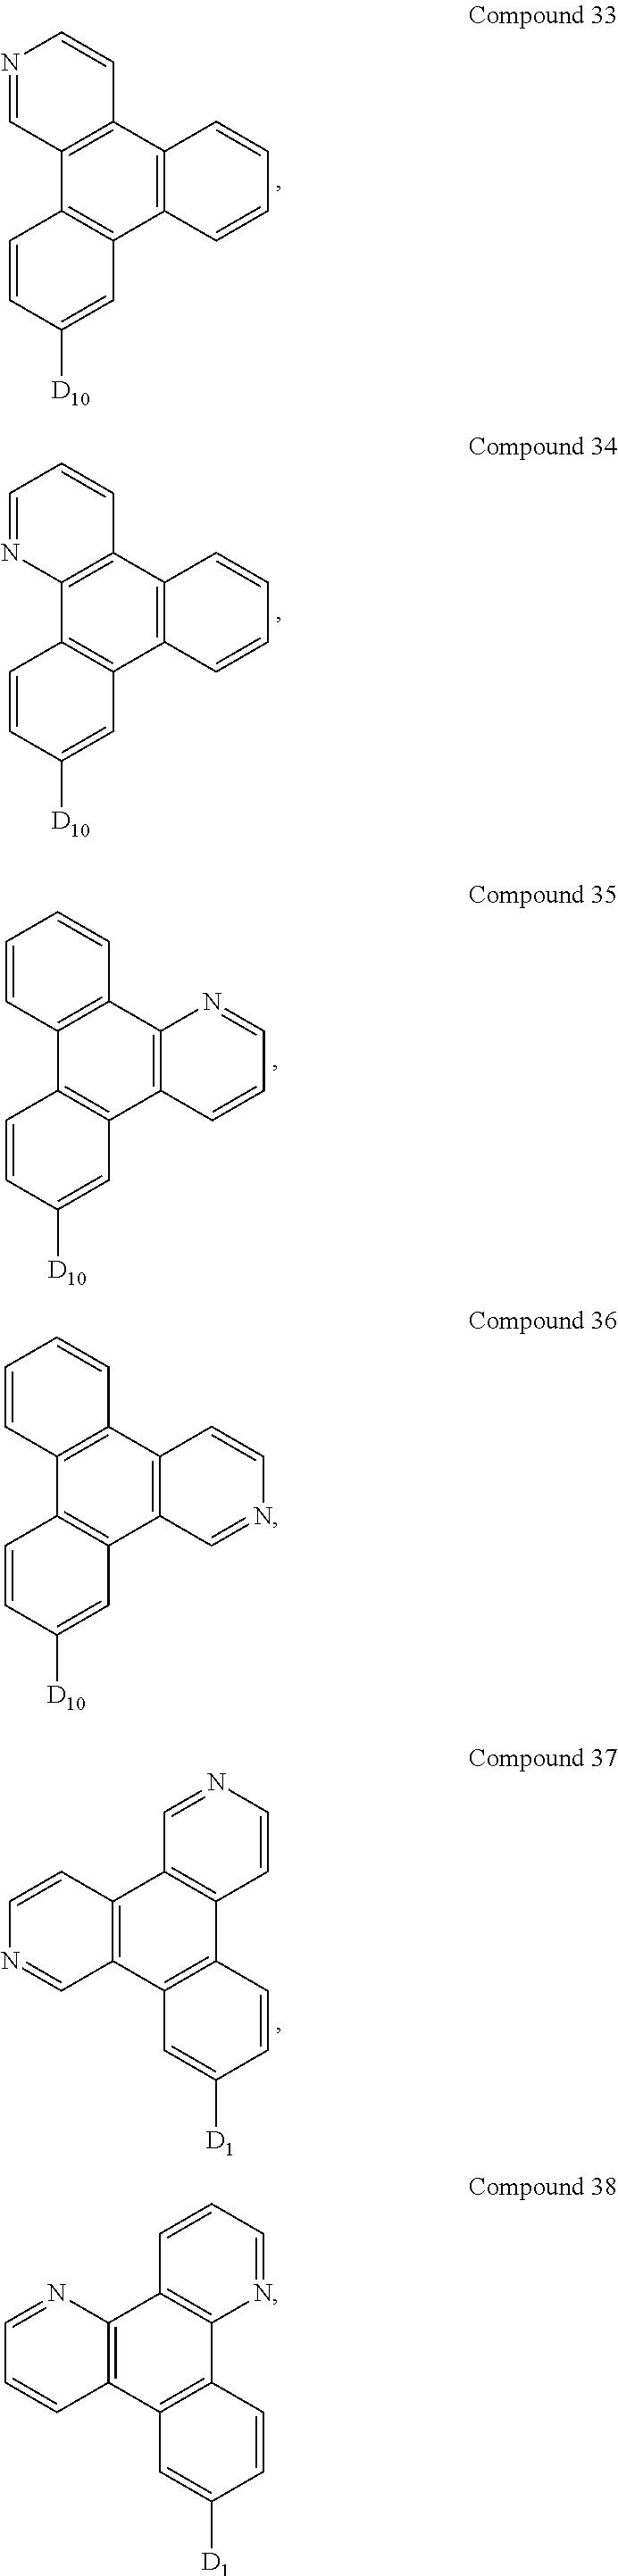 Figure US09537106-20170103-C00167